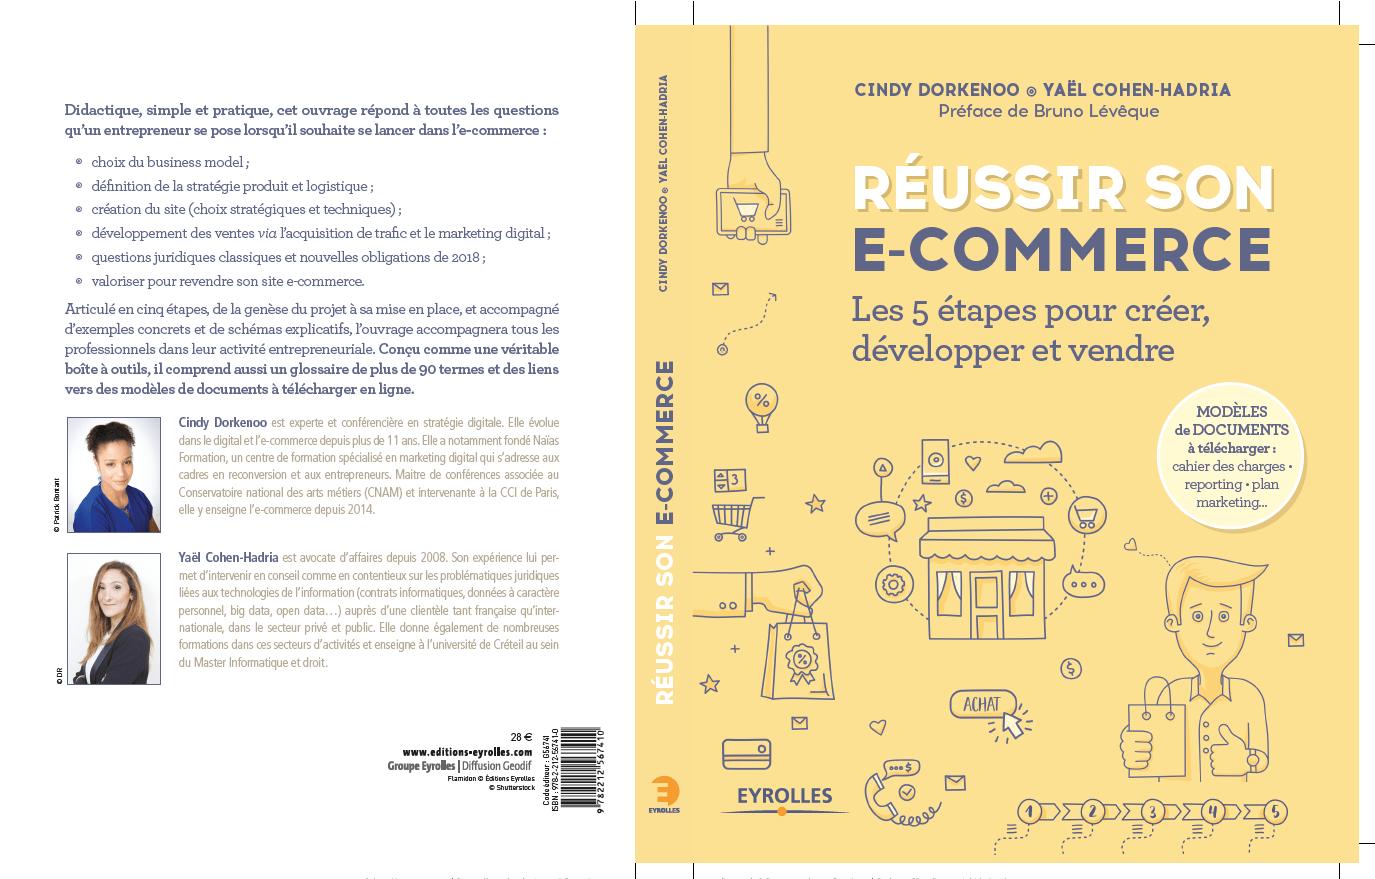 Réussir Son E-commerce, livre de Cindy Dorkenoo et Yaël Cohen-Hadria